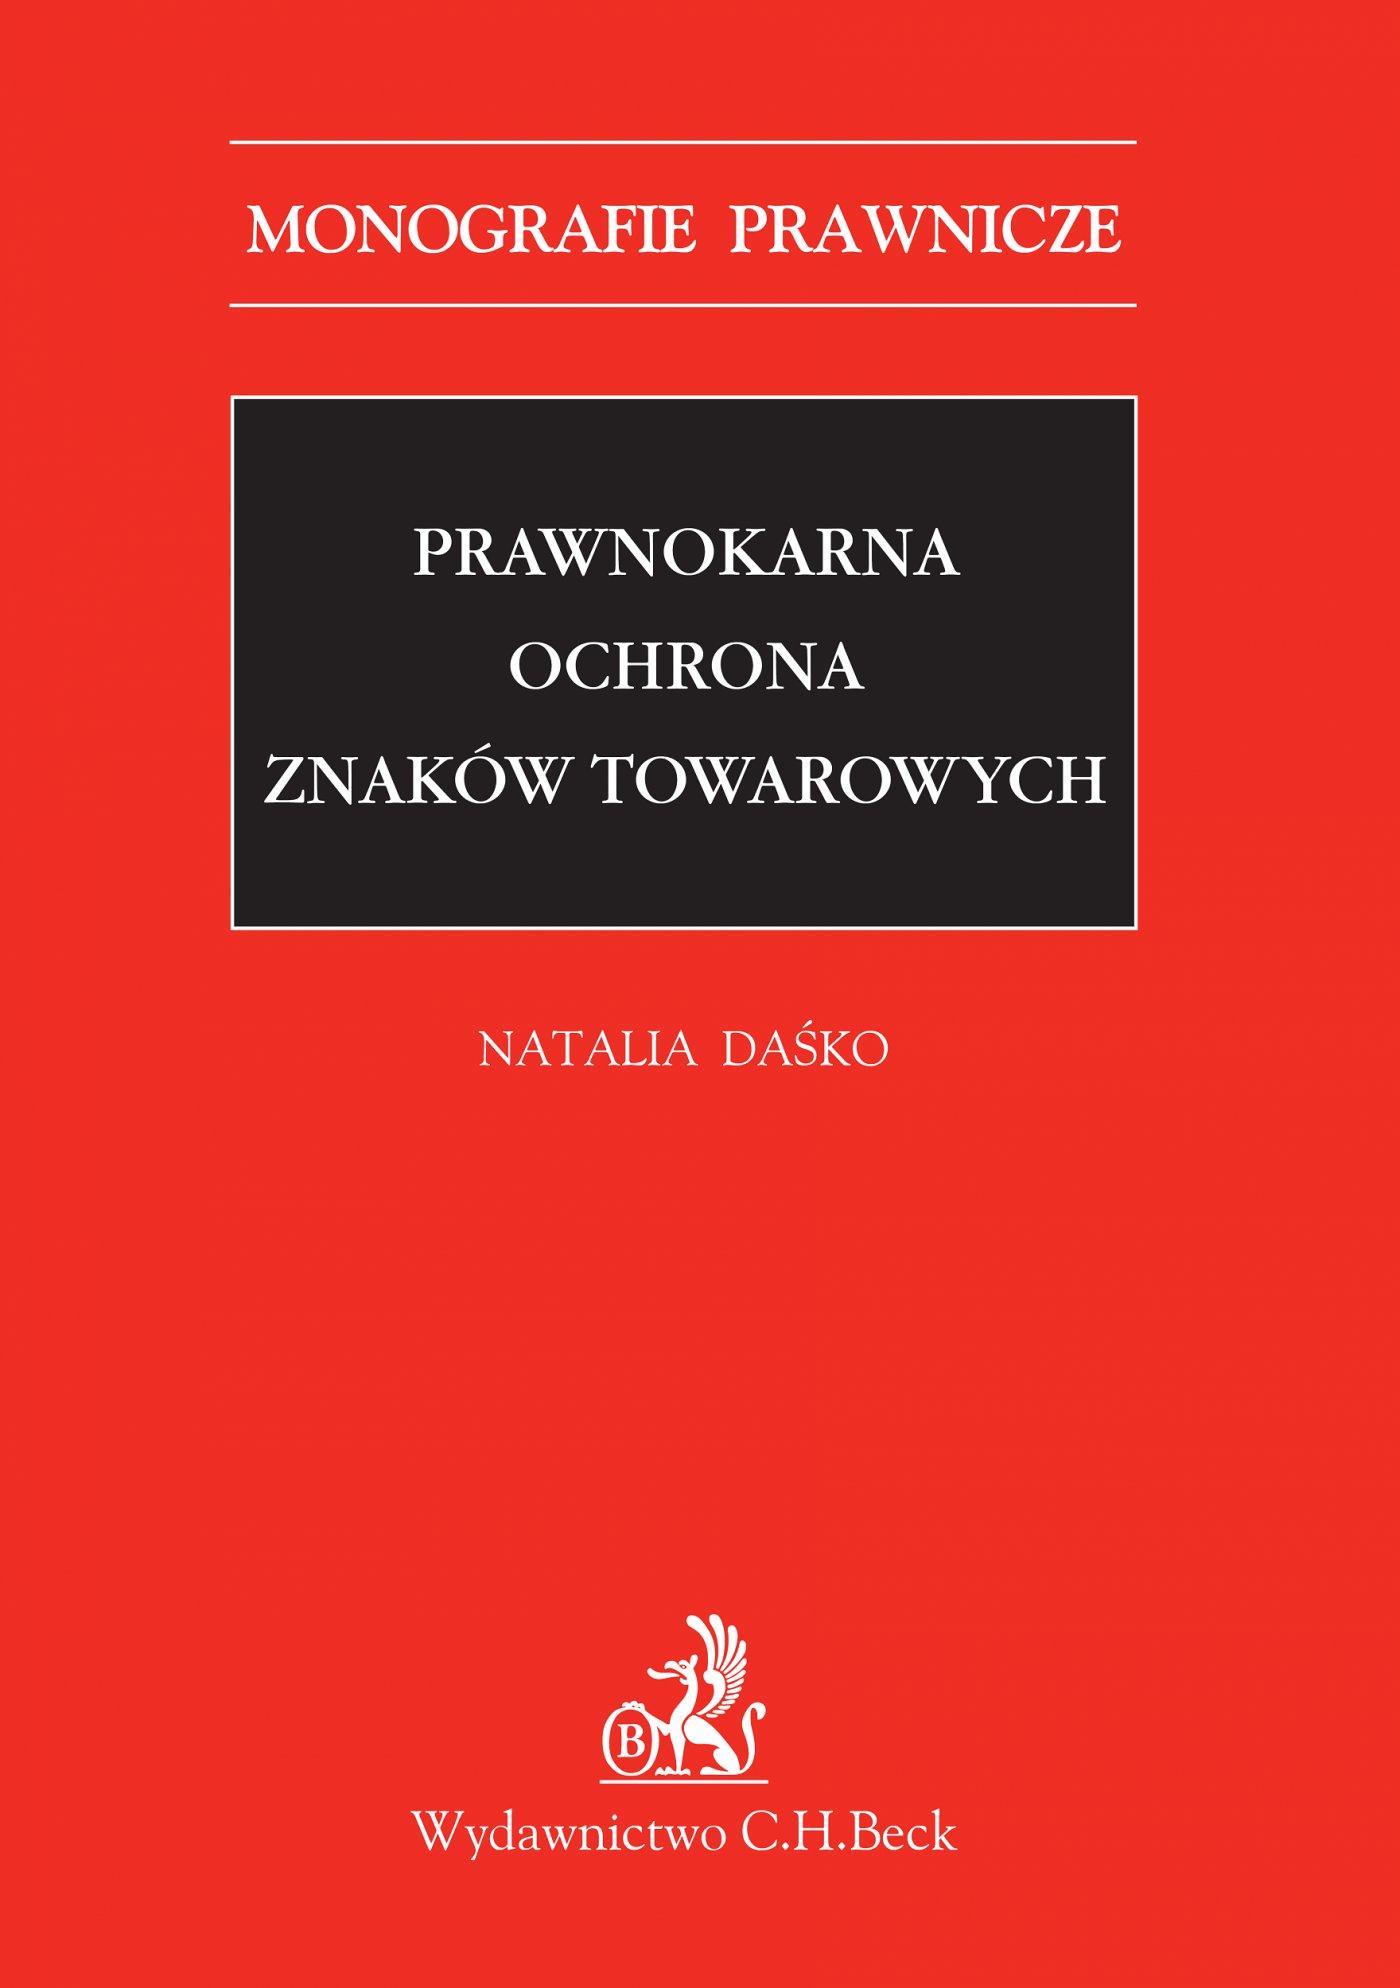 Prawnokarna ochrona znaków towarowych - Ebook (Książka PDF) do pobrania w formacie PDF